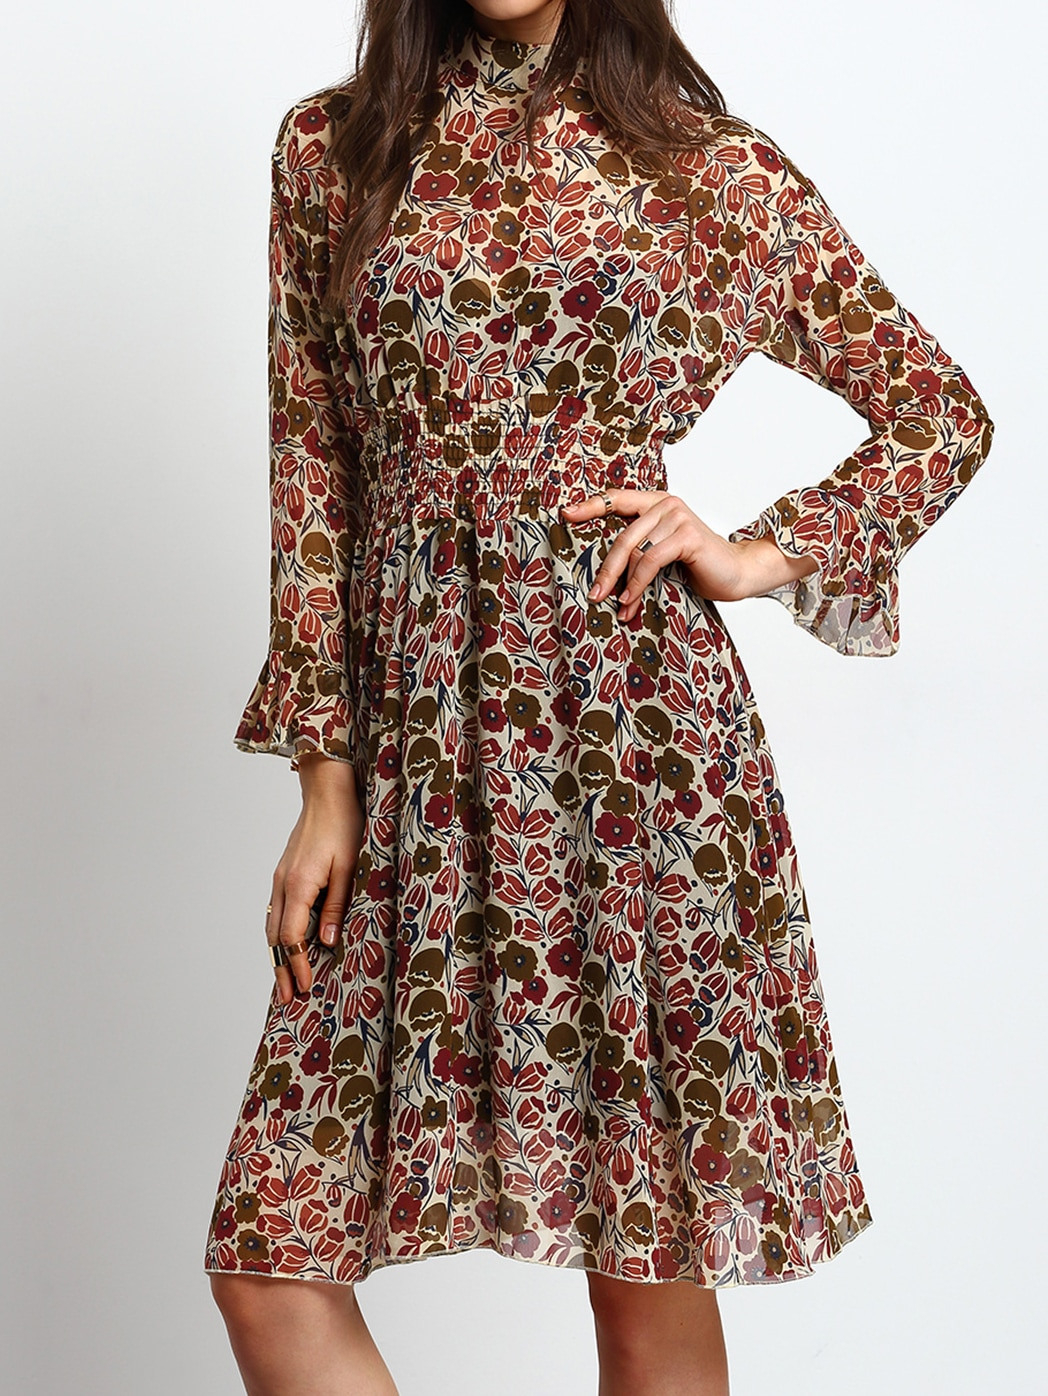 Chiffon Kleid Mit Blumenmuster  Bunt  Shein